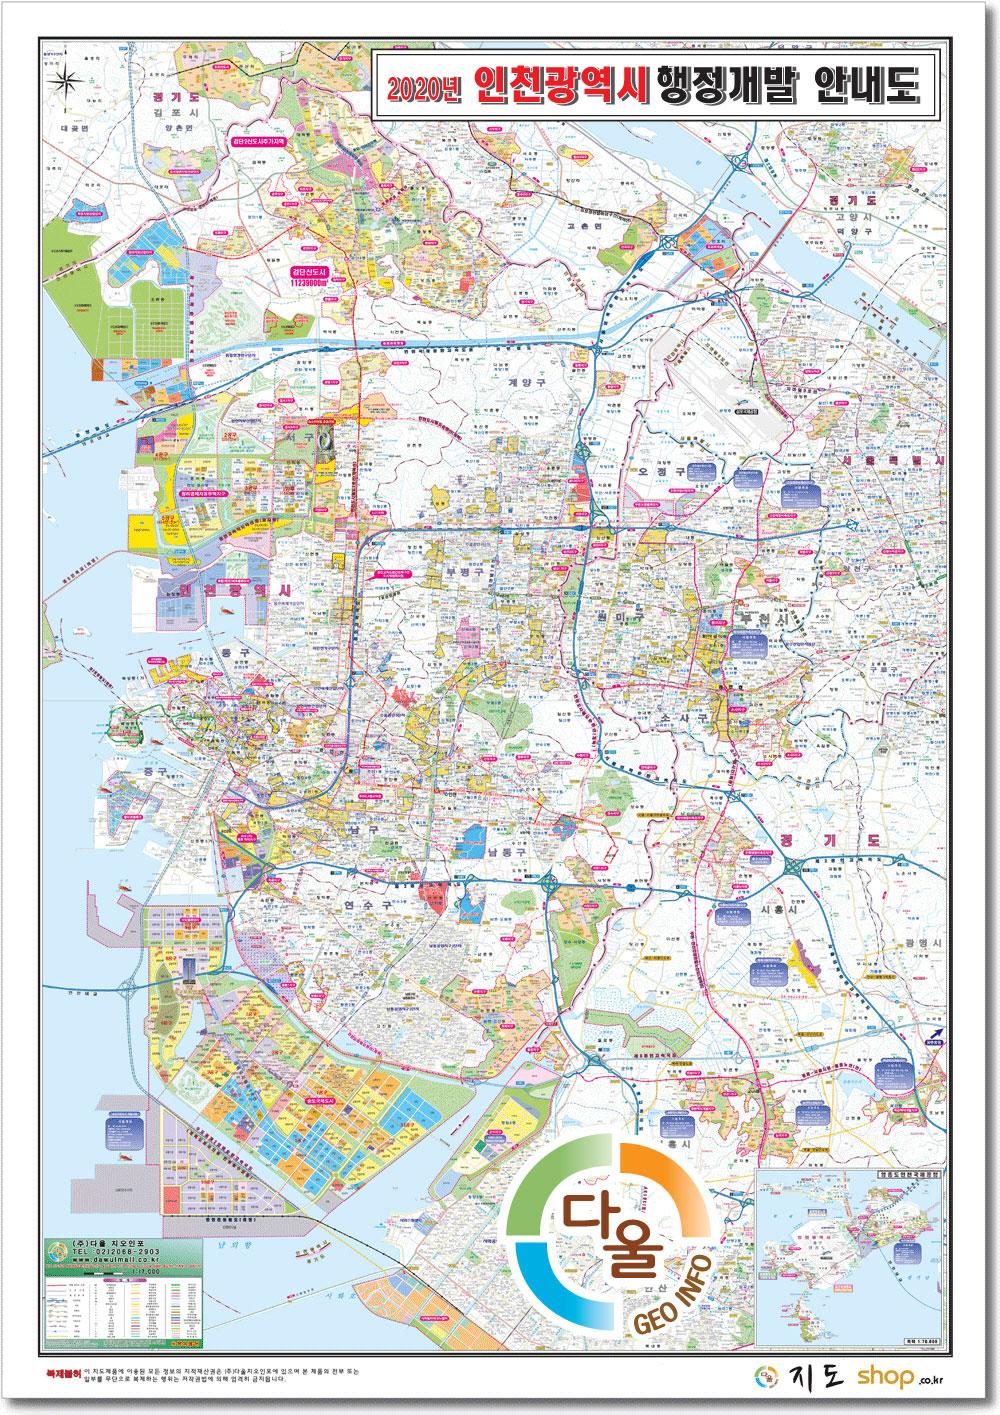 2020년 인천광역시 행정개발 안내도.지도